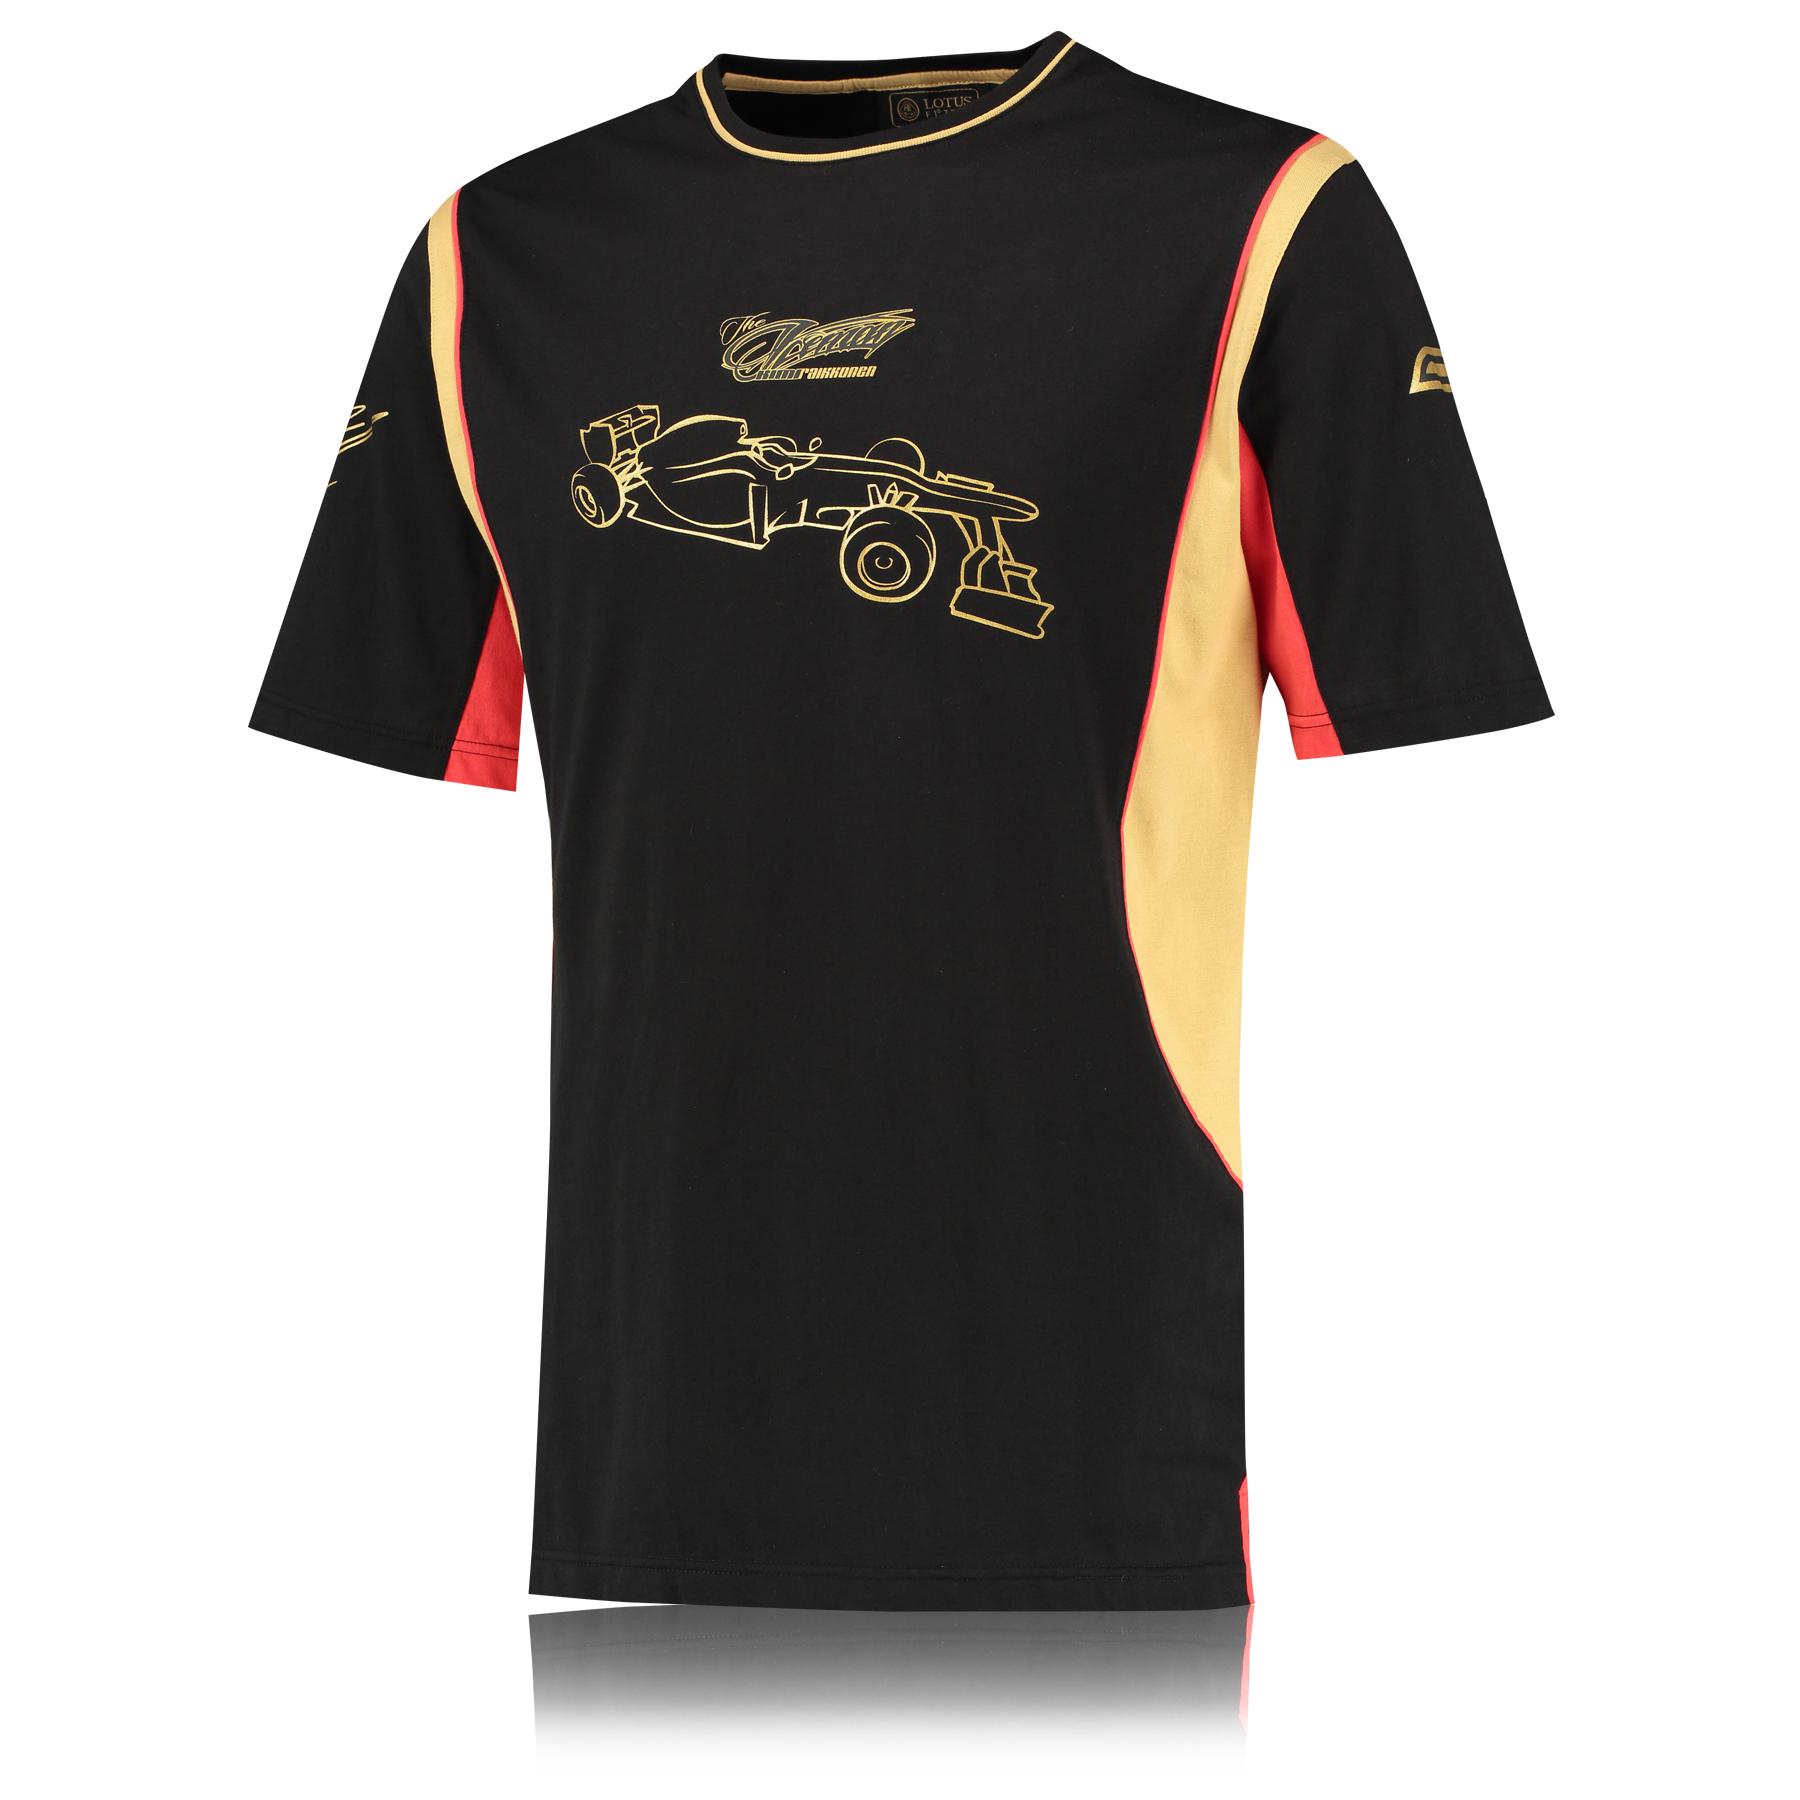 Lotus F1 Team 2013 F1 Mens Lifestyle Kimi T-Shirt